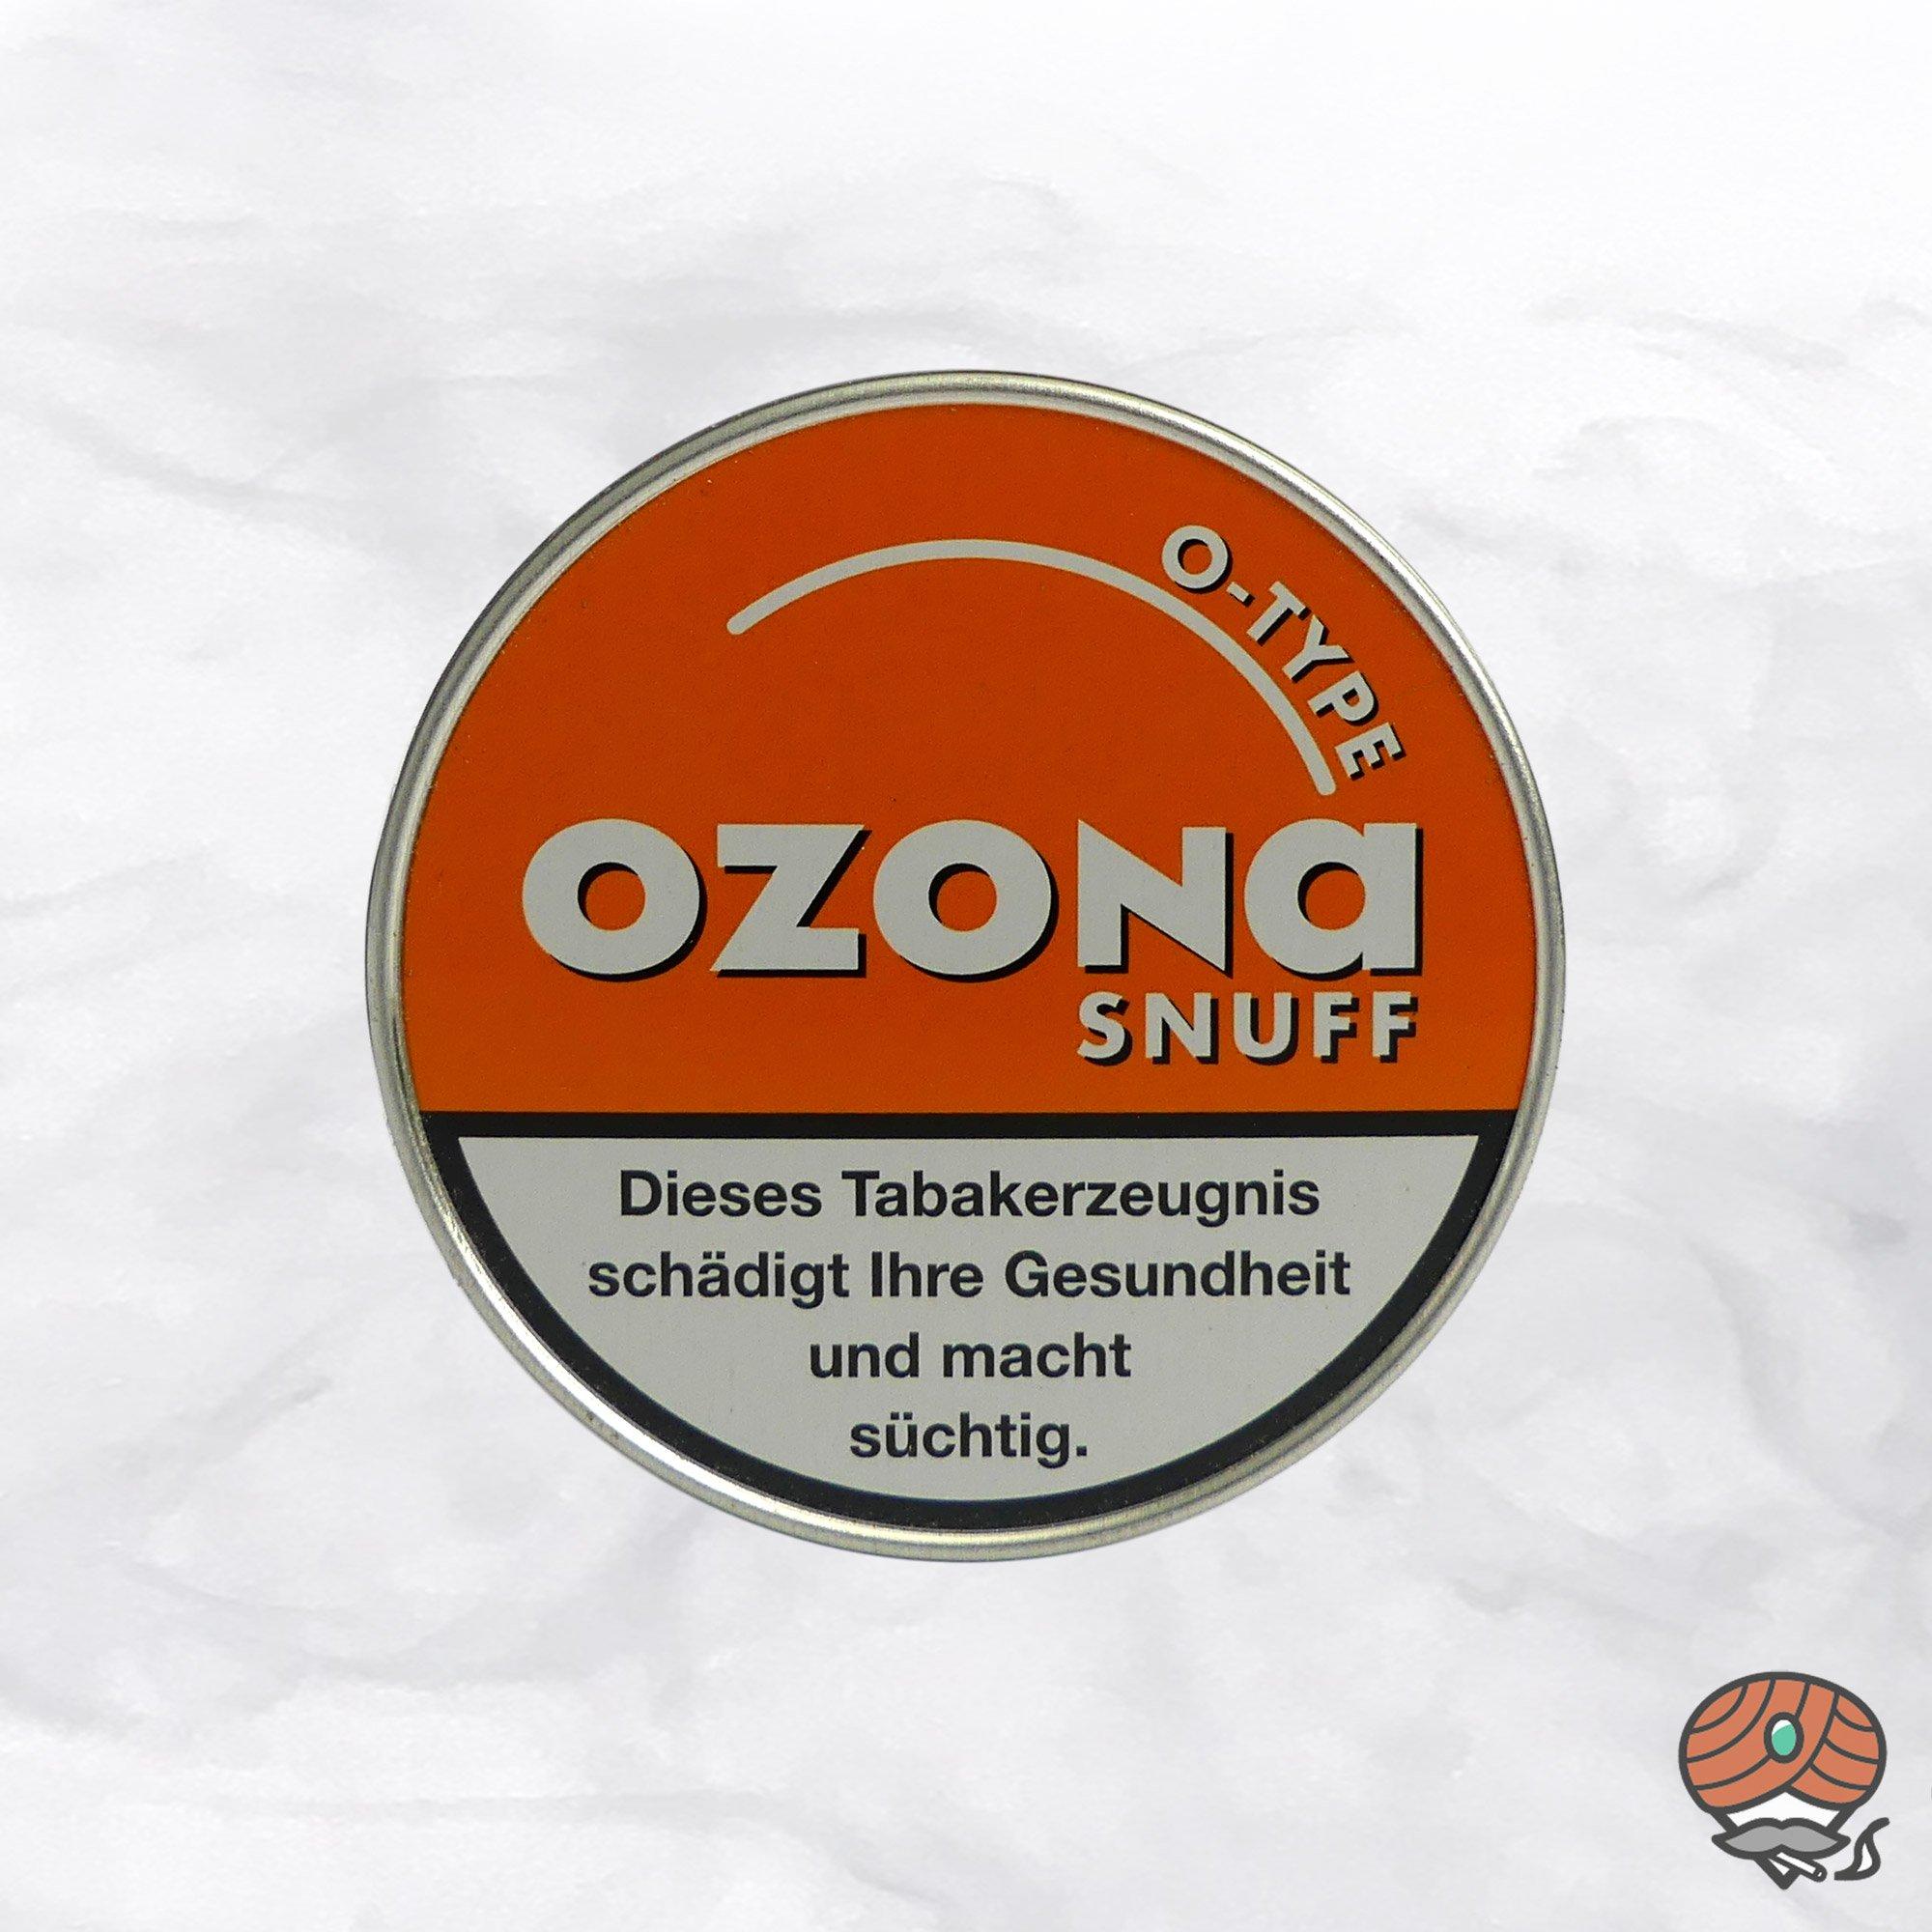 Ozona O-TYPE Snuff Schnupftabak 5g - Orange